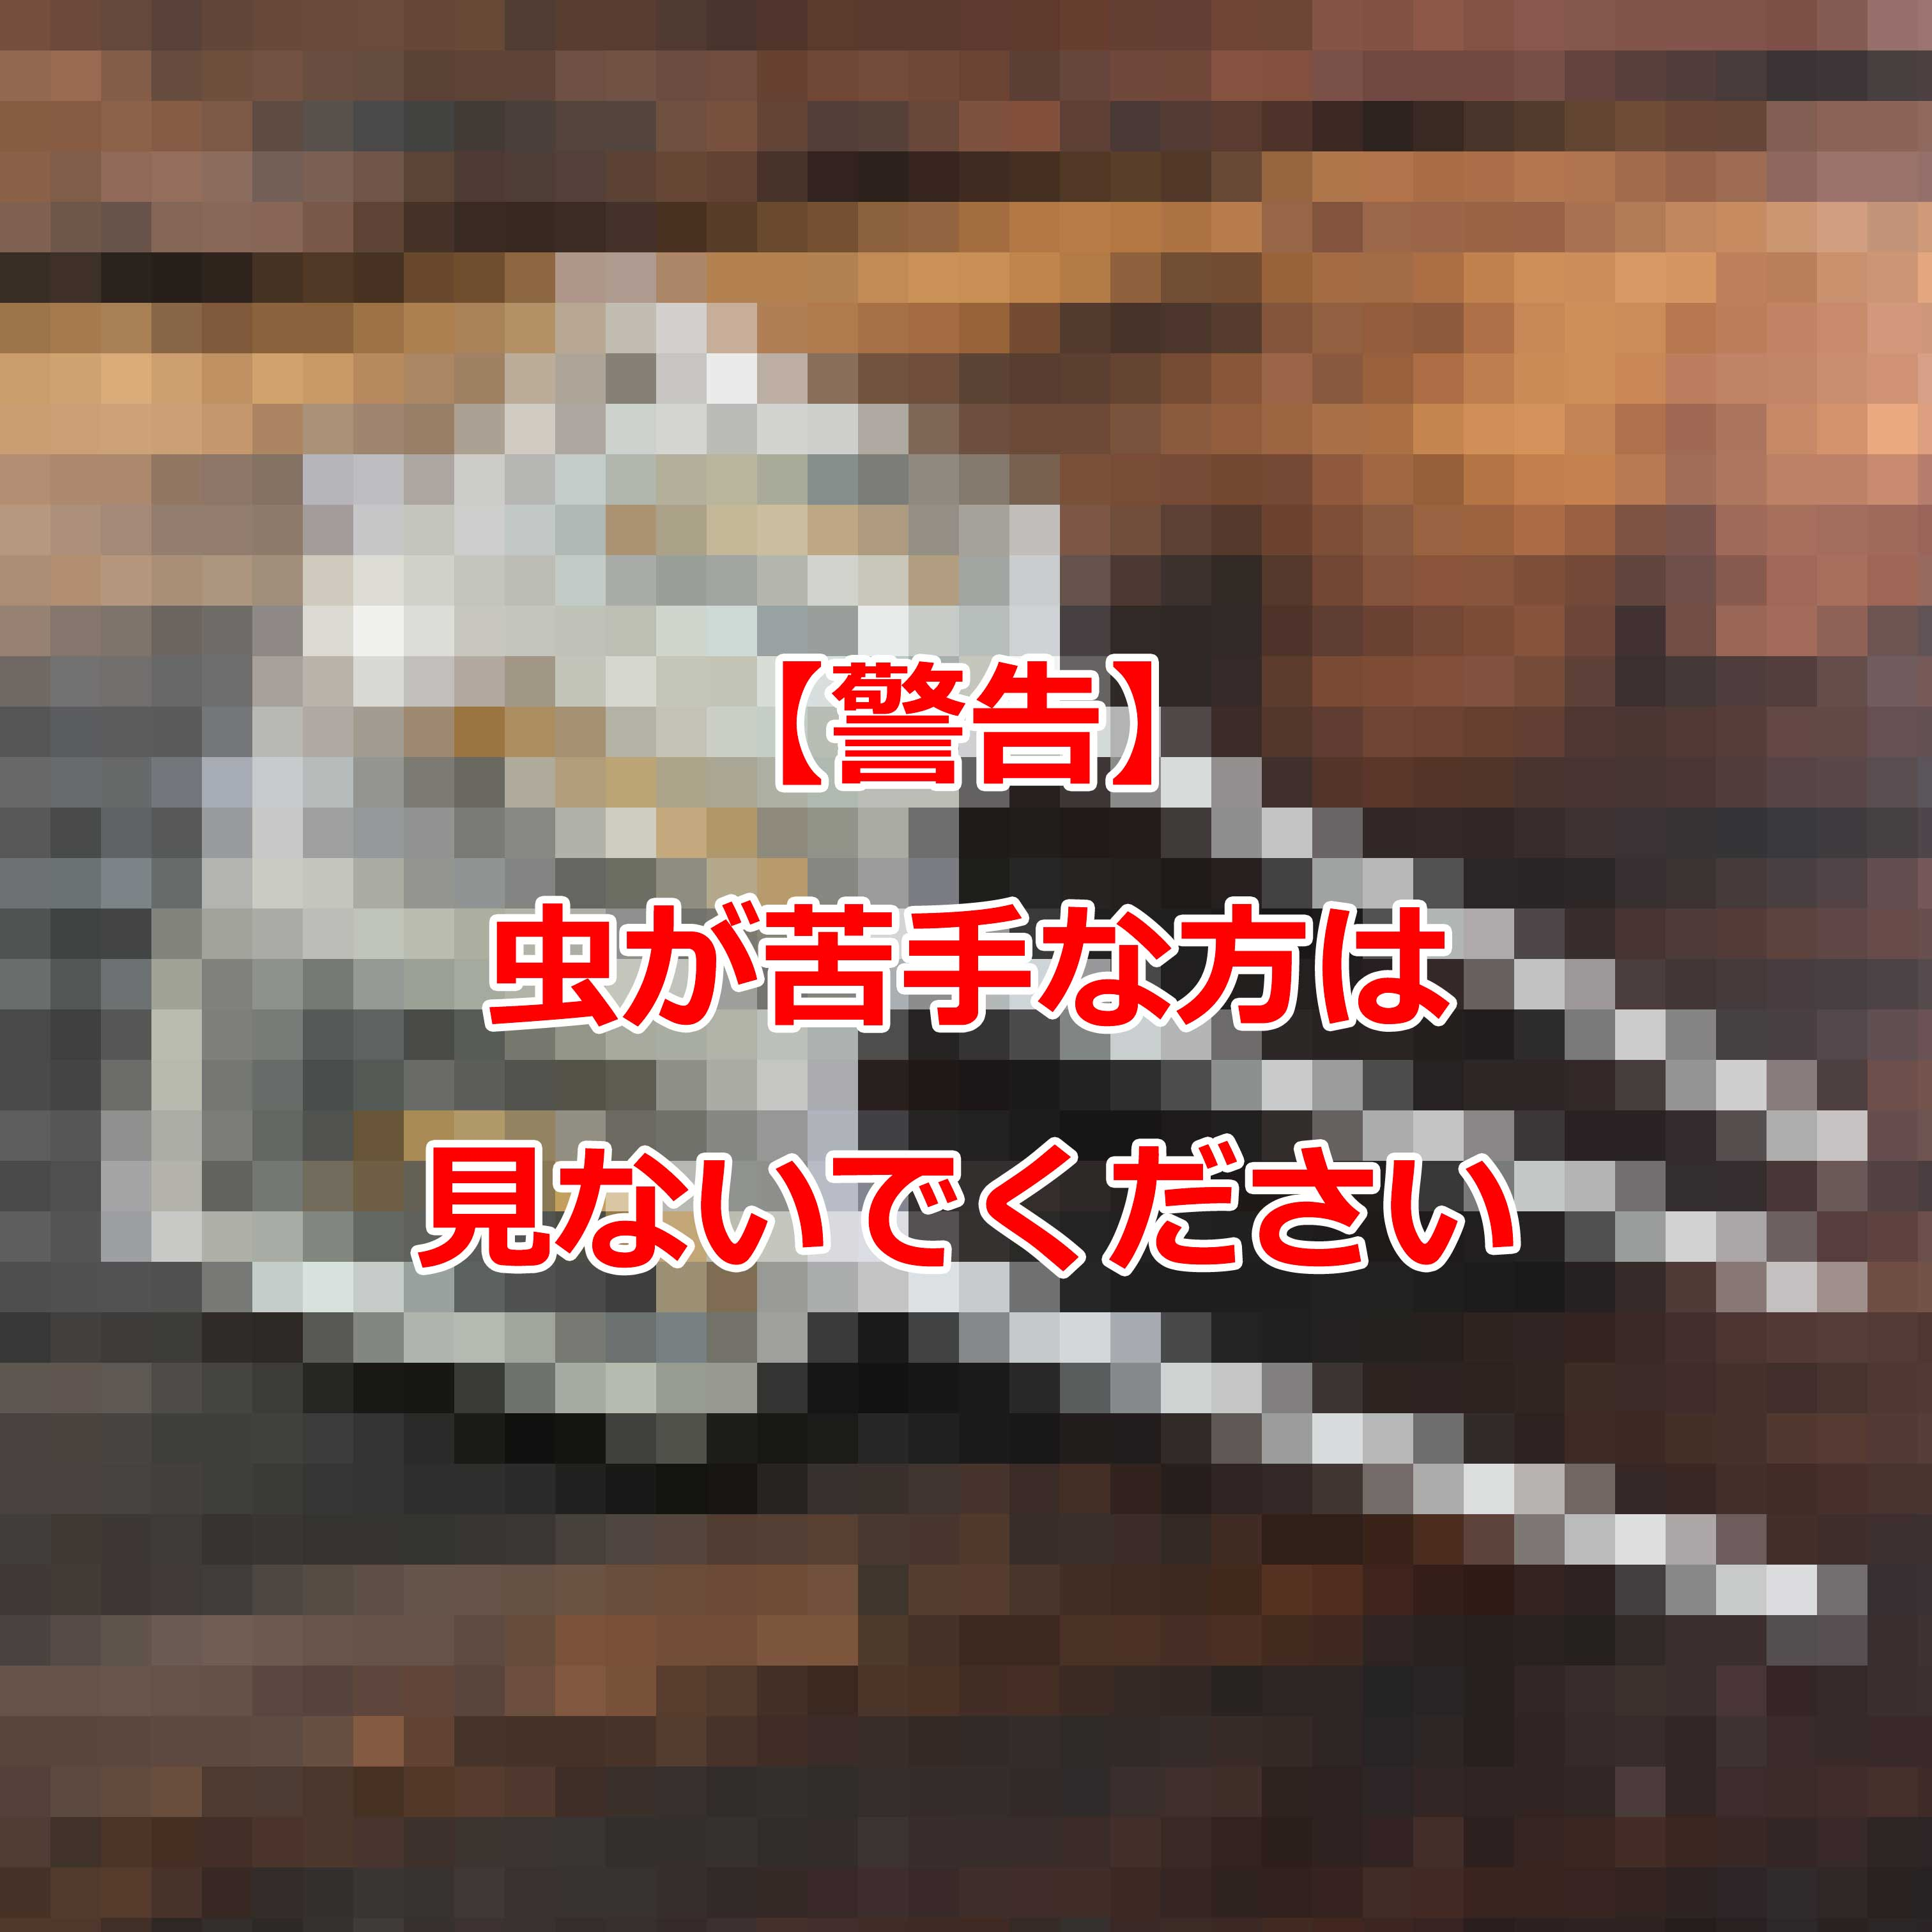 ワームサッカー・テキーラ(イモムシキャンディー・テキーラ味)罰ゲーム飴・ハロウィン